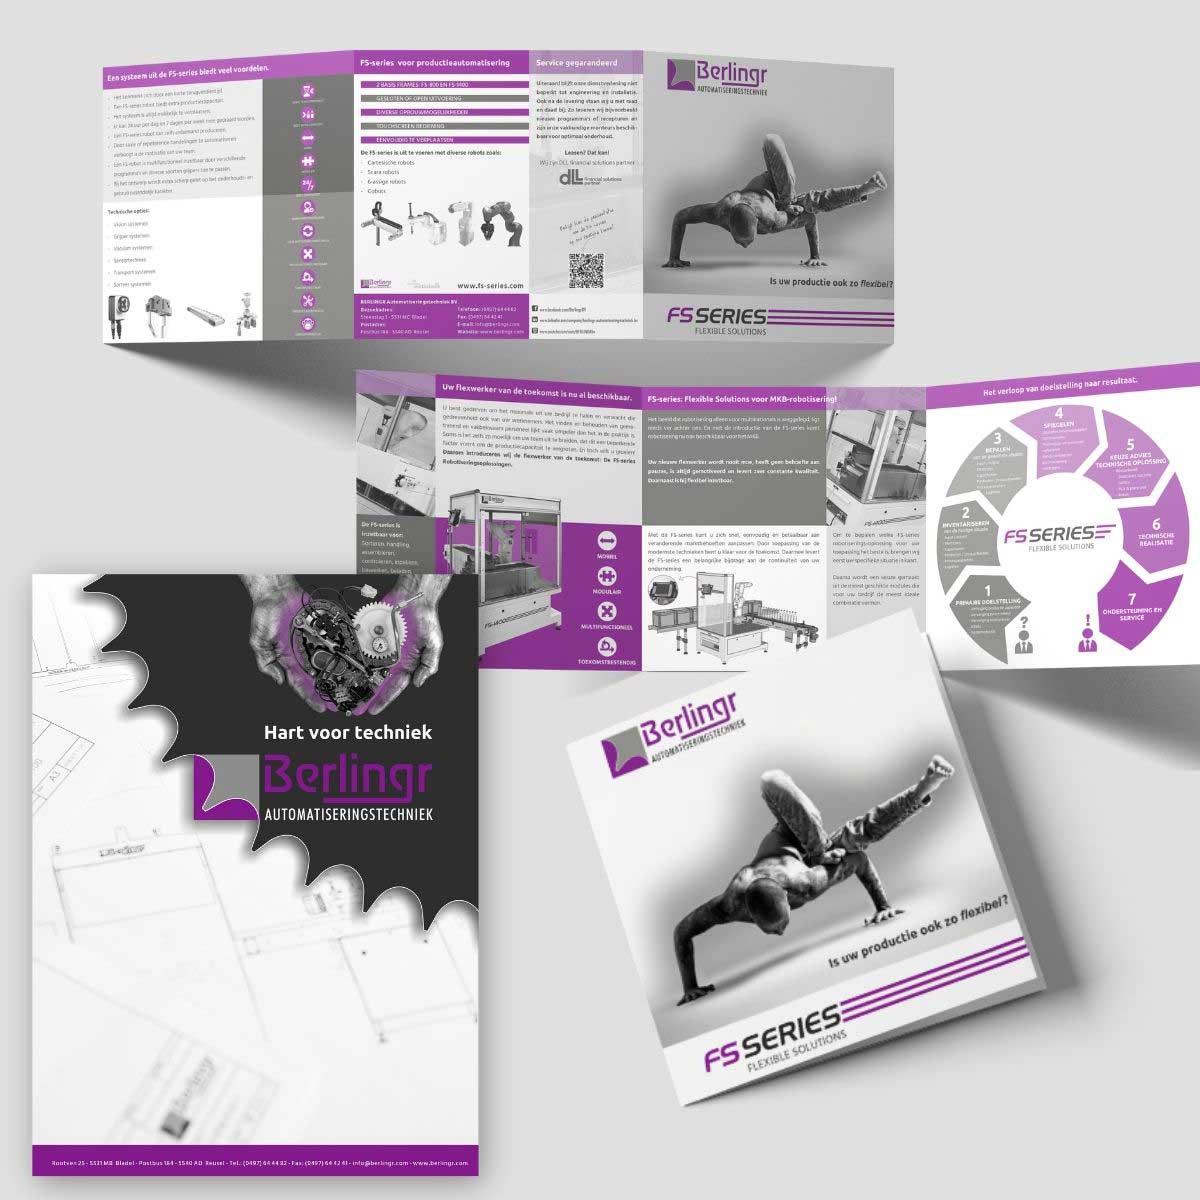 Grafisch ontwerp en DTP van folder, brochure, flyer, poster voor Berlingr.